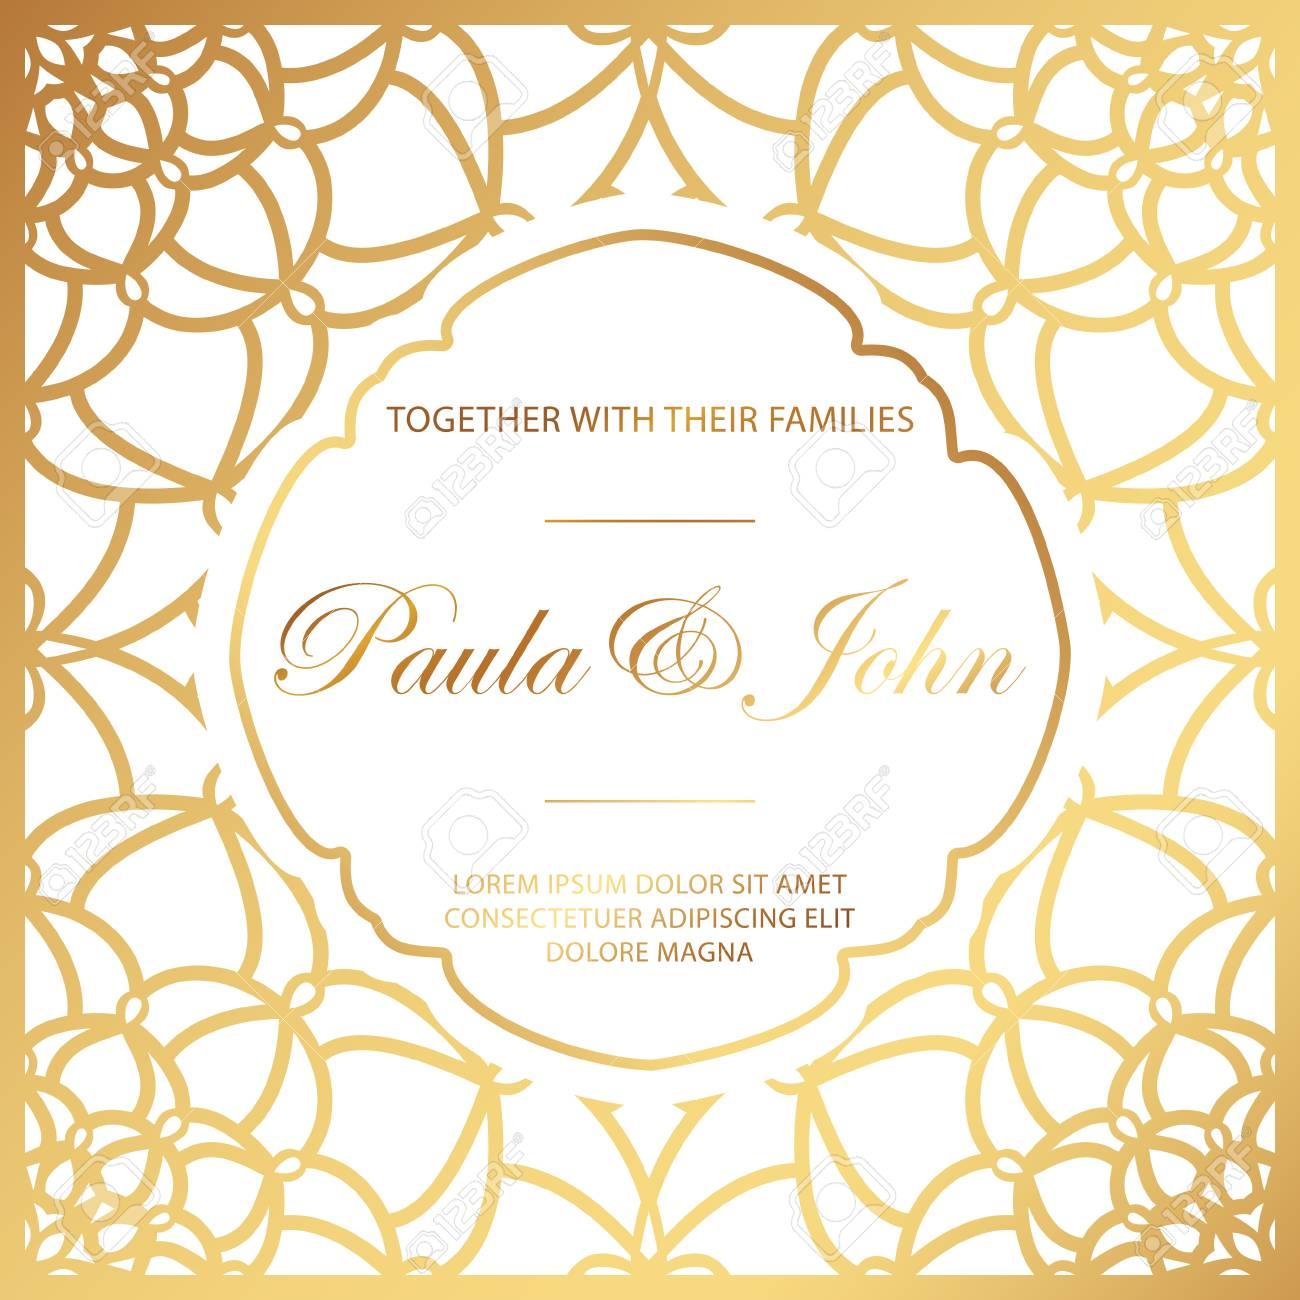 Stylish Gold And White Wedding Card. Royal Vintage Wedding ...